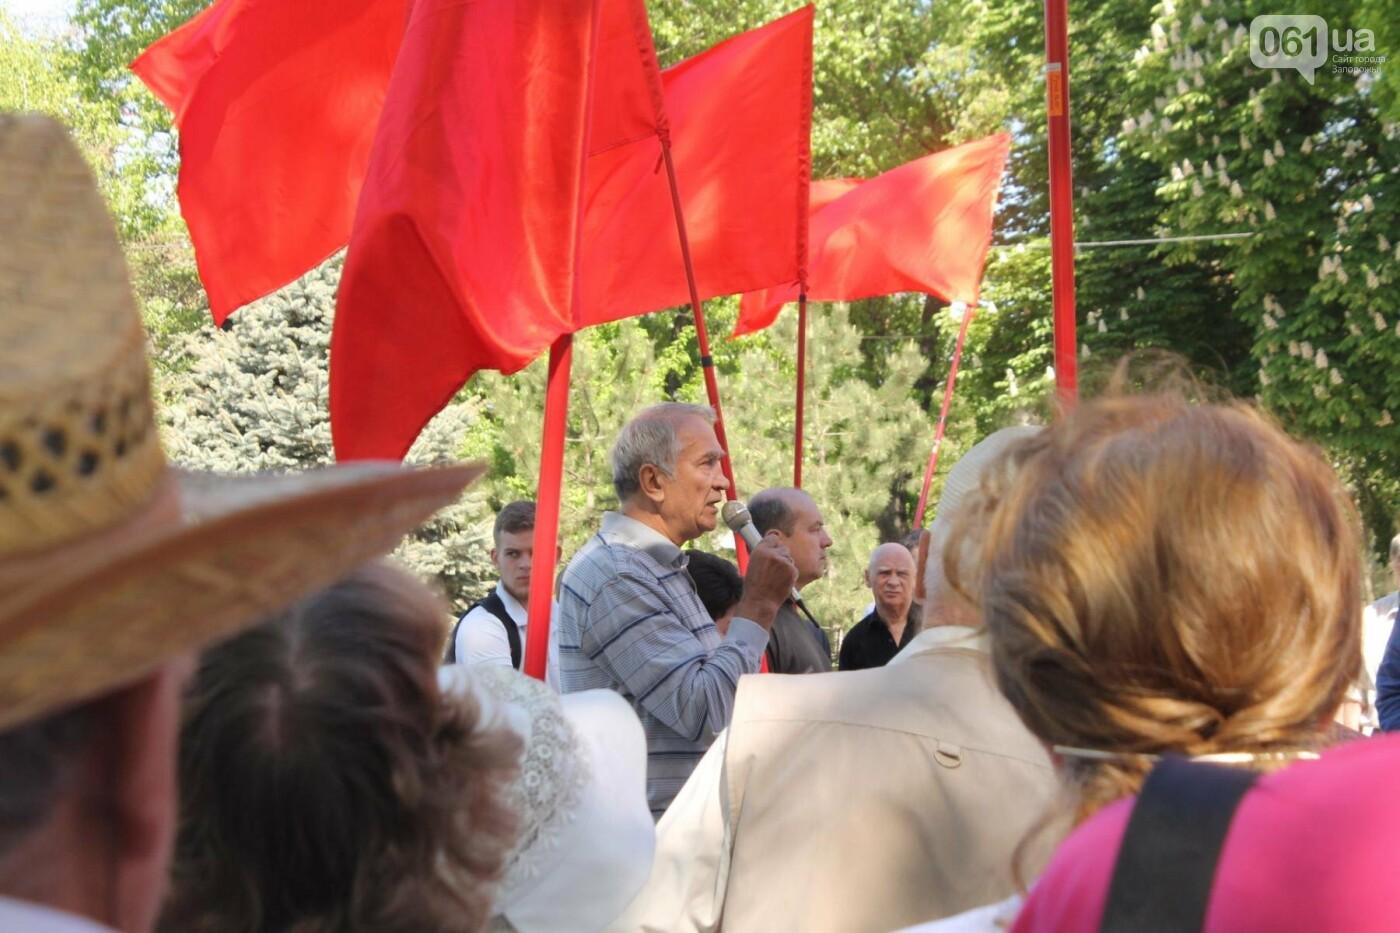 Запорожские коммунисты с красными флагами провели митинг к 1 мая: к «вечному огню» на Свободы пришли полсотни людей, – ФОТОРЕПОРТАЖ, фото-3